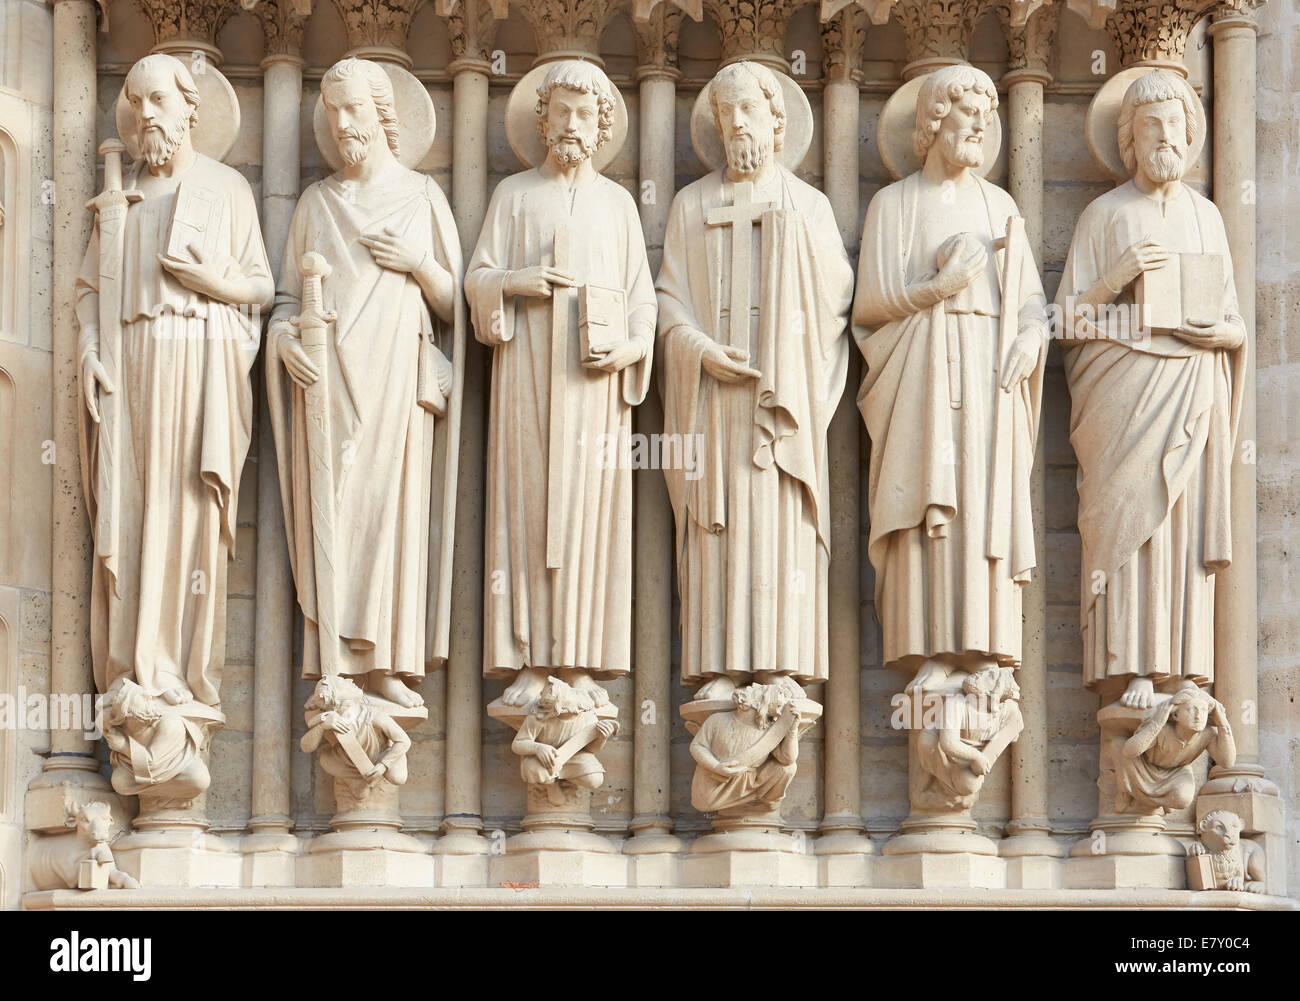 Notre Dame de Paris statues of saints - Stock Image